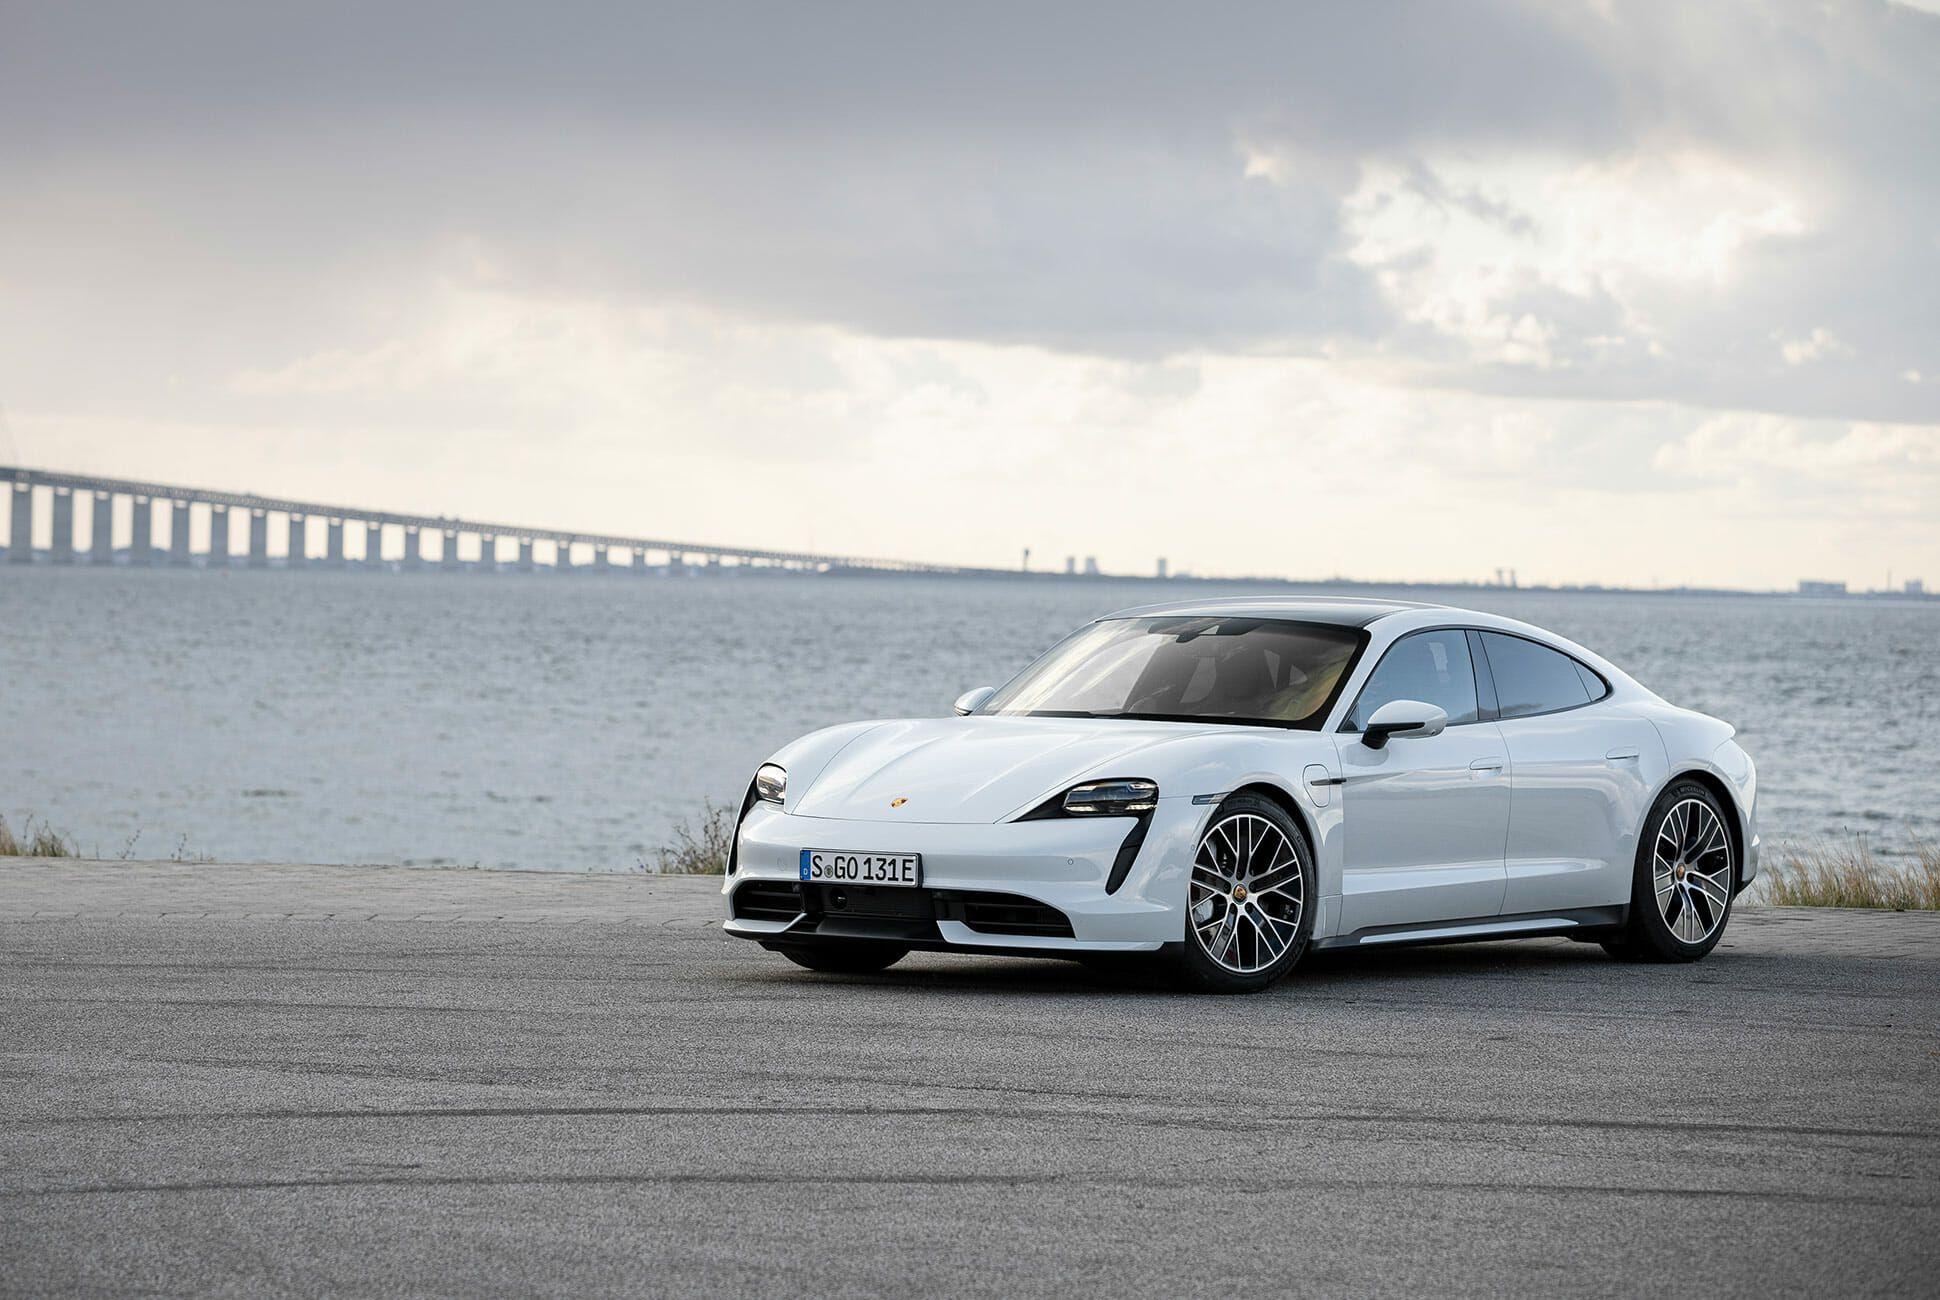 2020-Porsche-Taycan-Turbo-S-gear-patrol-lead-slide-5